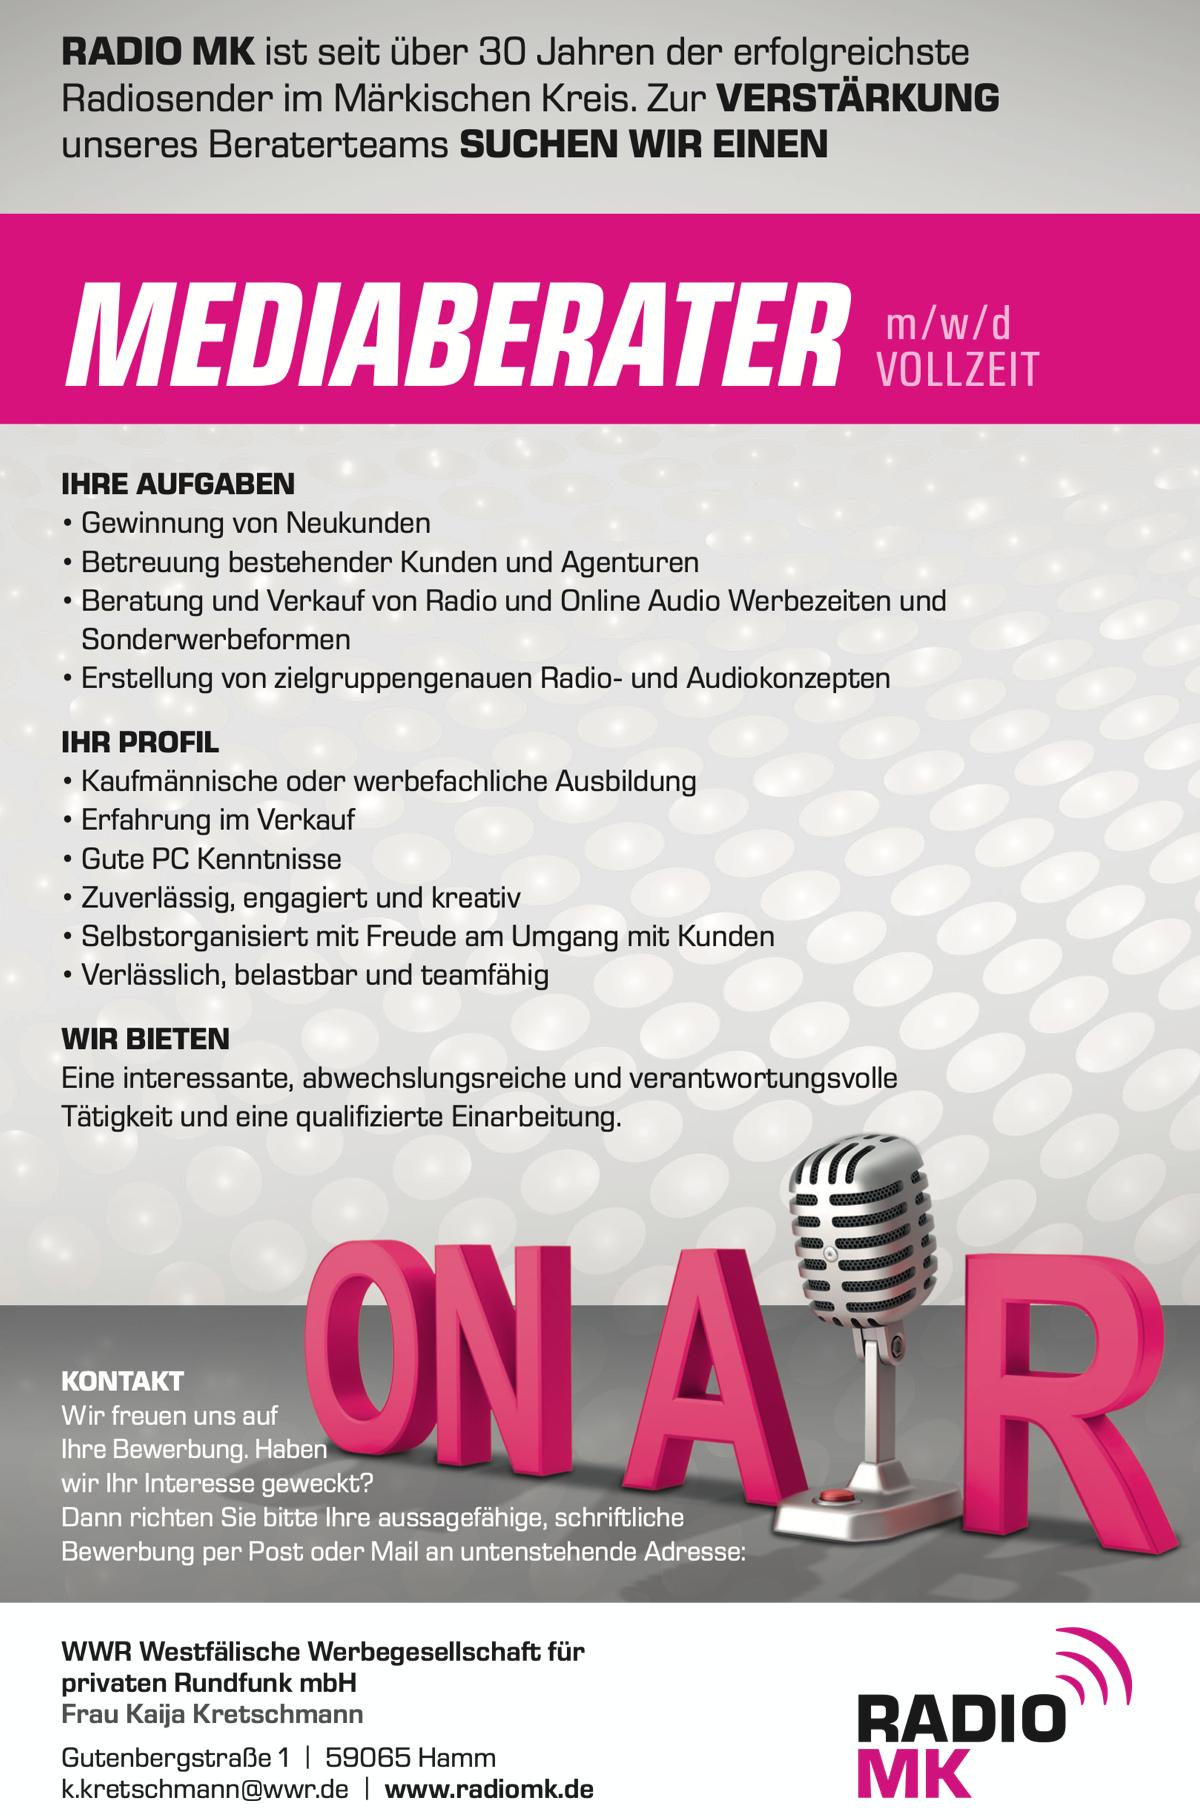 RADIO MK sucht Mediaberater (m/w/d) in Vollzeit